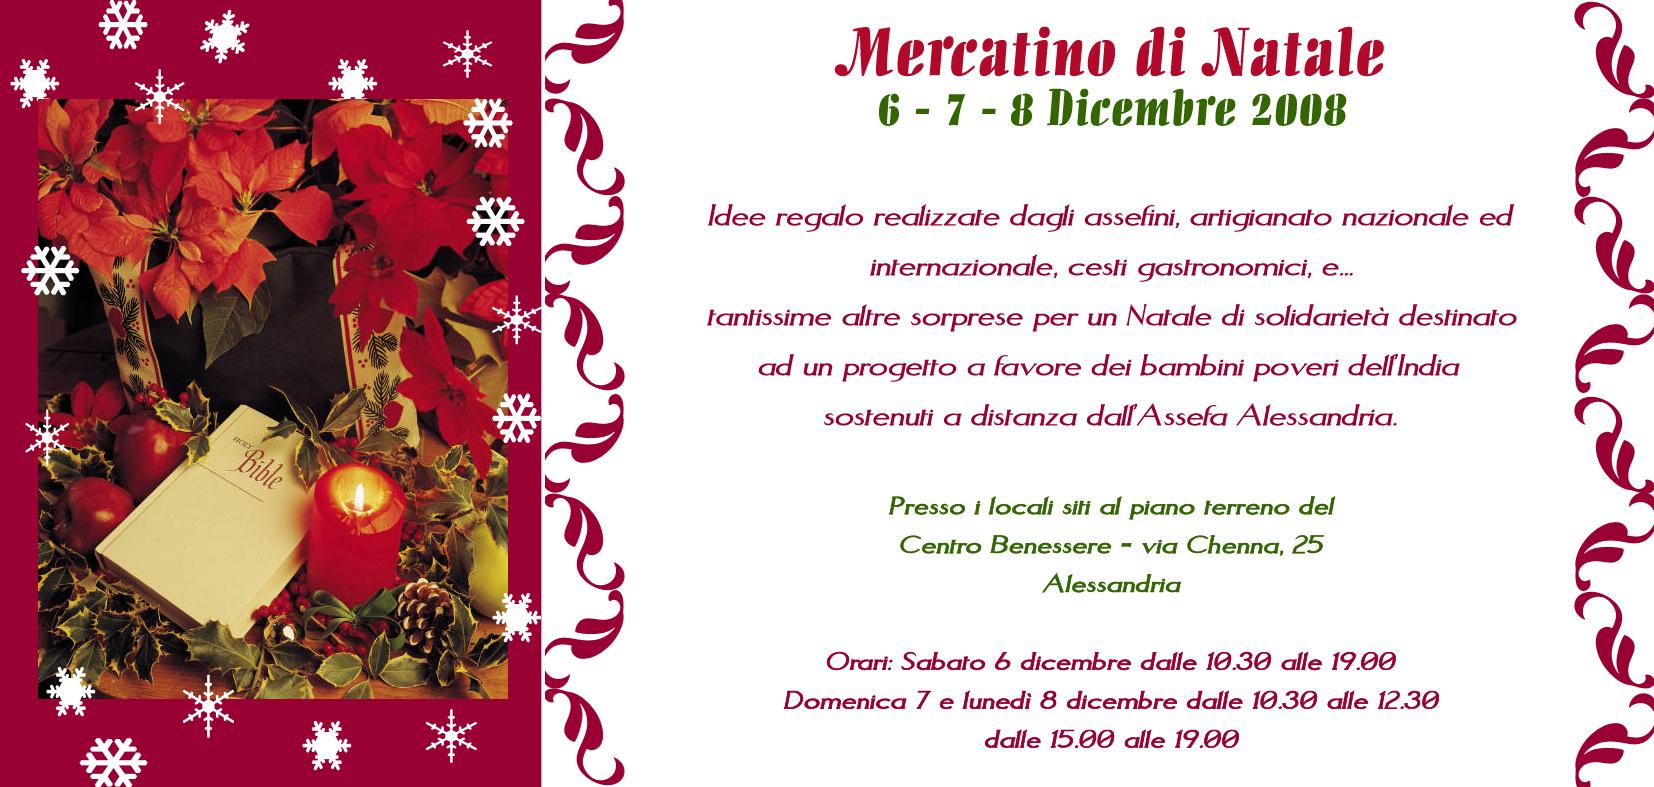 Mercatino di natale 6 7 8 dicembre 2008 - Mercatino alessandria ...